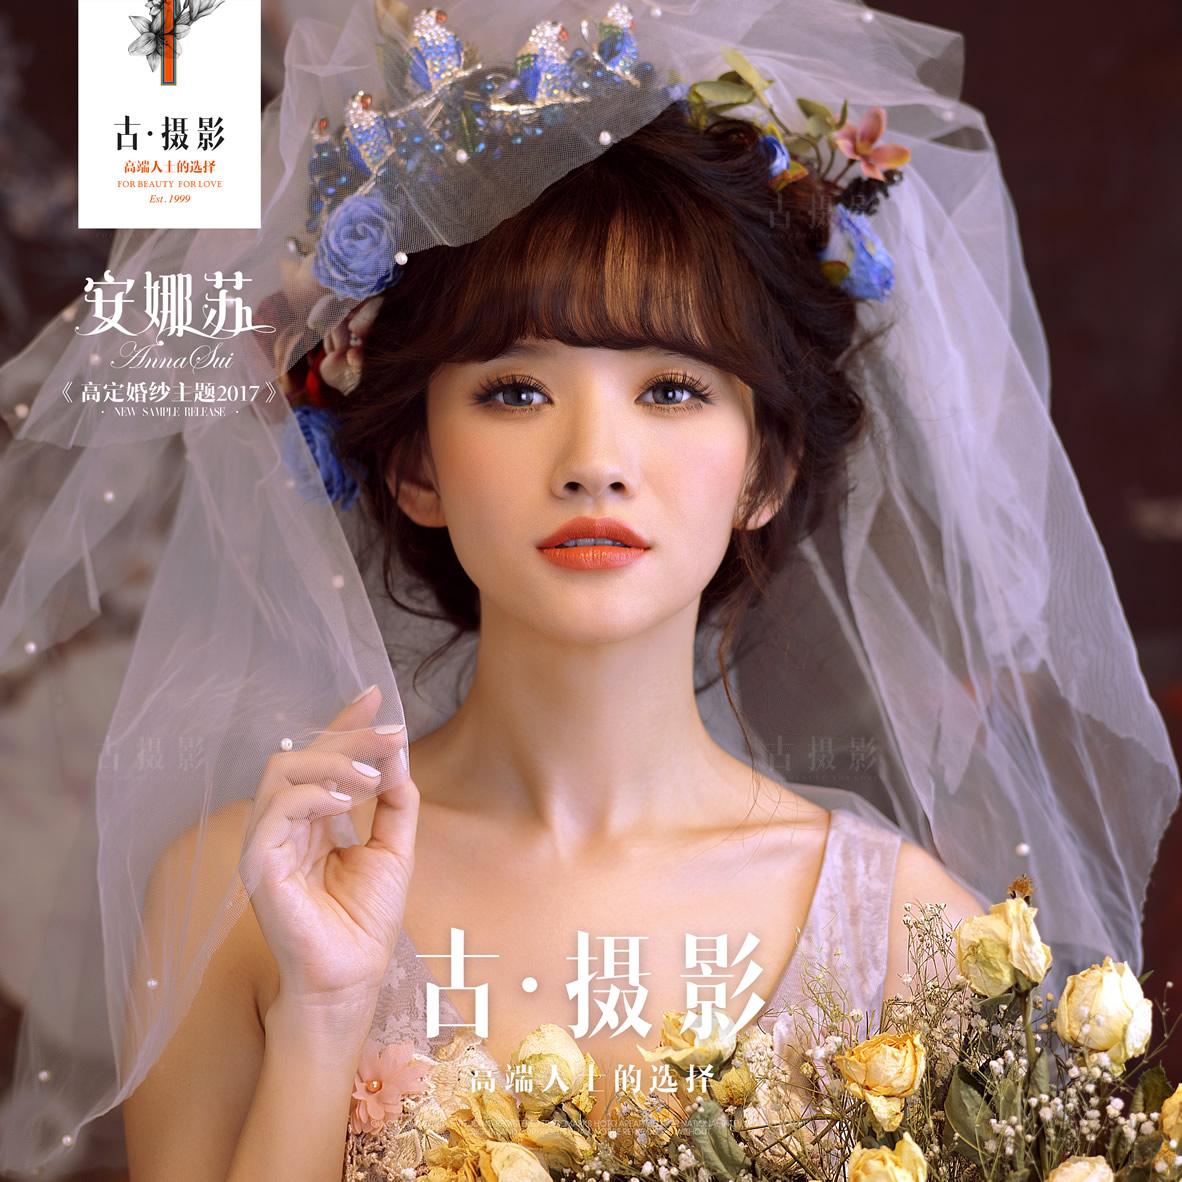 安娜苏 - 明星范 - love上海古摄影-上海婚纱摄影网